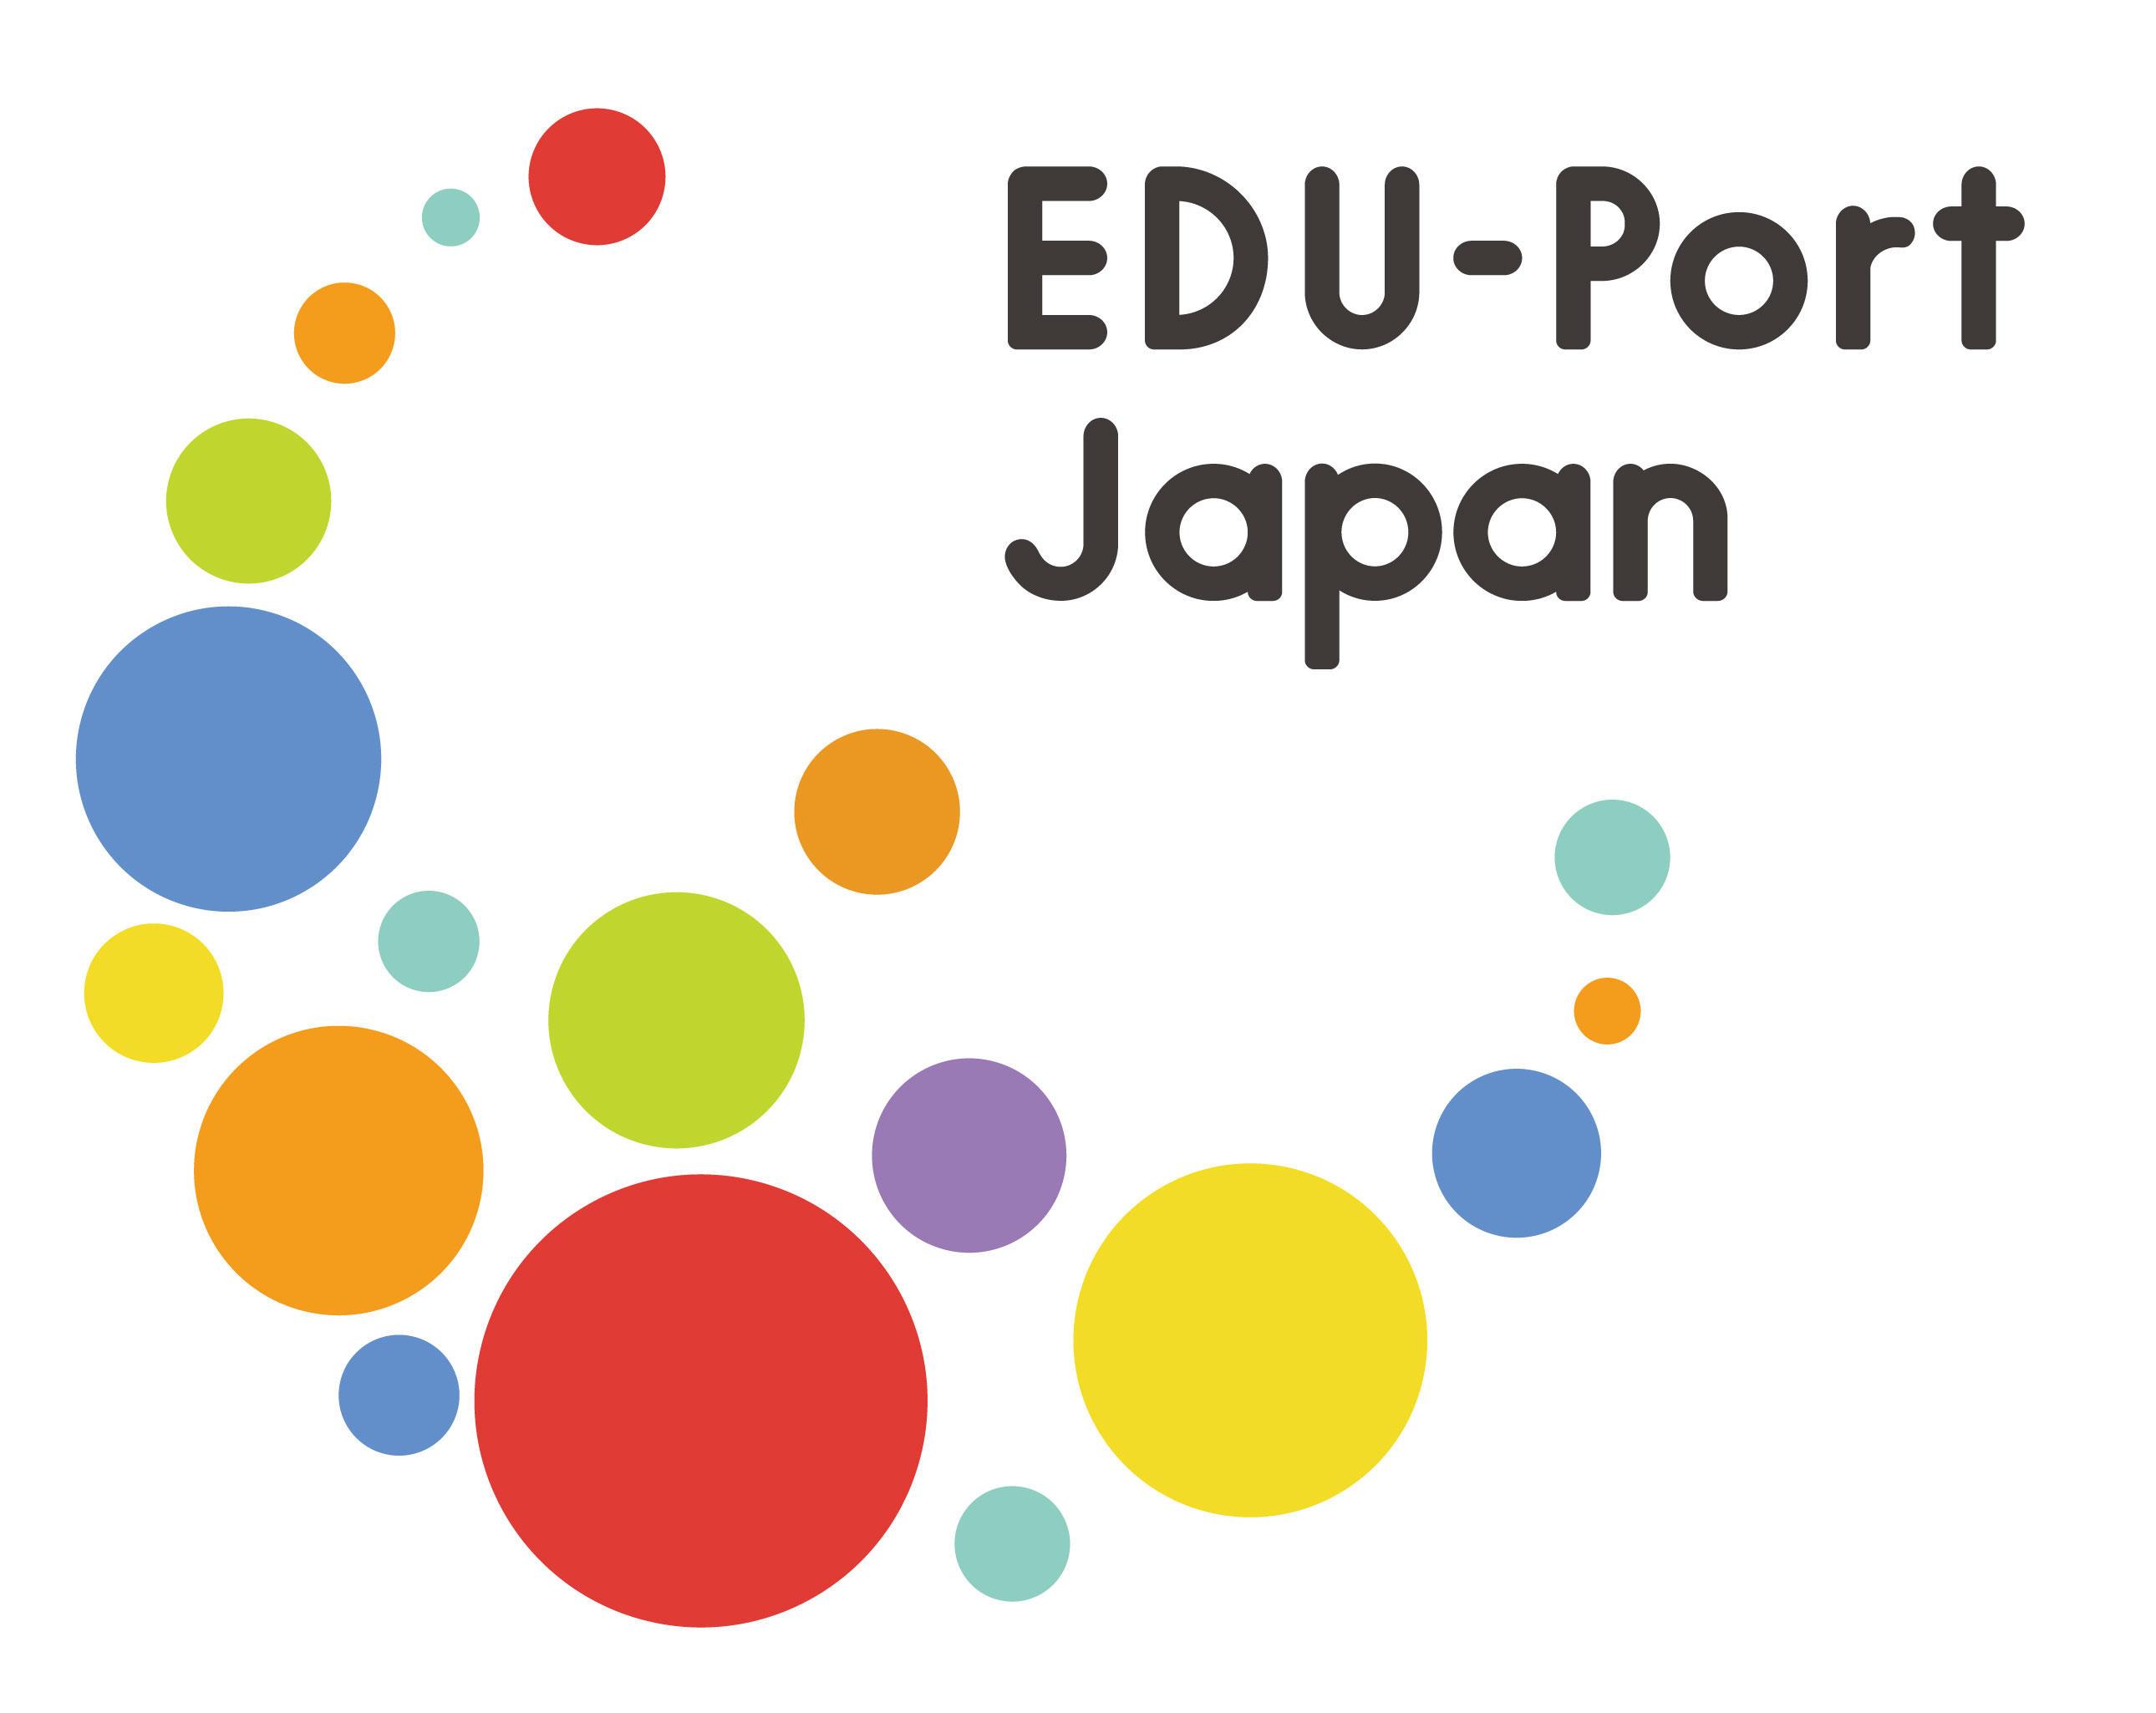 産学官連携グローバルPBLの取組が文部科学省「日本型教育の海外展開推進事業(EDU-Portニッポン)」に採択